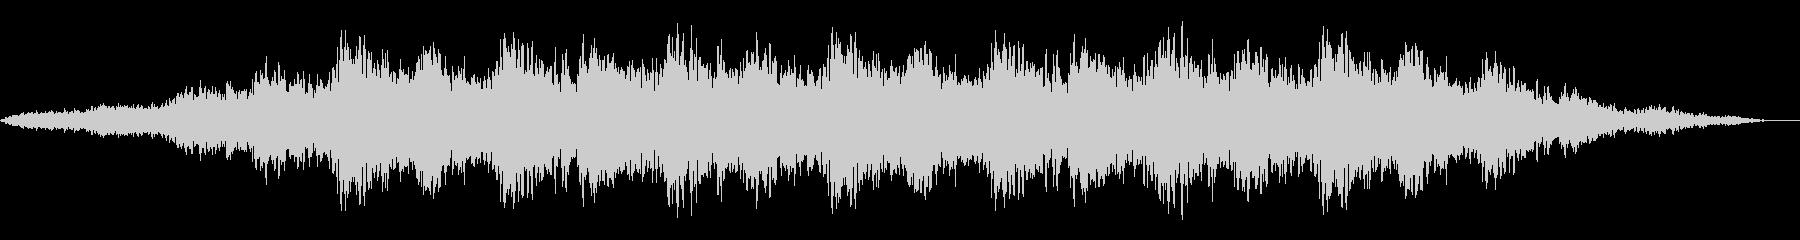 神秘的な雰囲気のアンビエント(背景音)3の未再生の波形